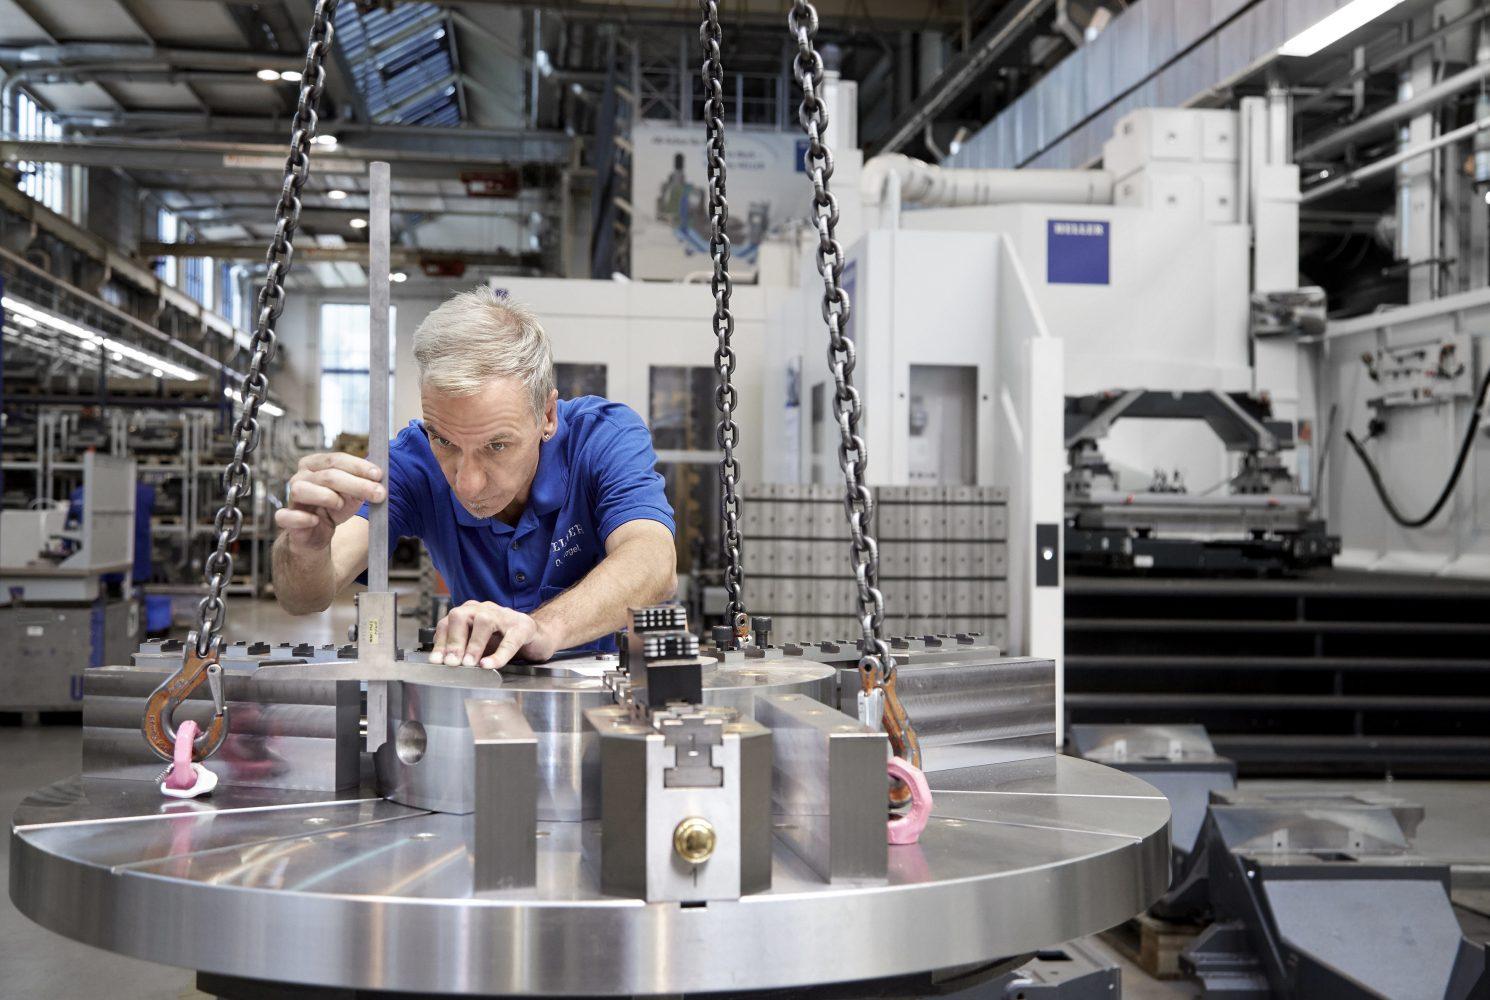 Weltweit beschäftigt die Heller Gruppe rund 2.900 Mitarbeiter (Bild: Gebr. Heller Maschinenfabrik GmbH)